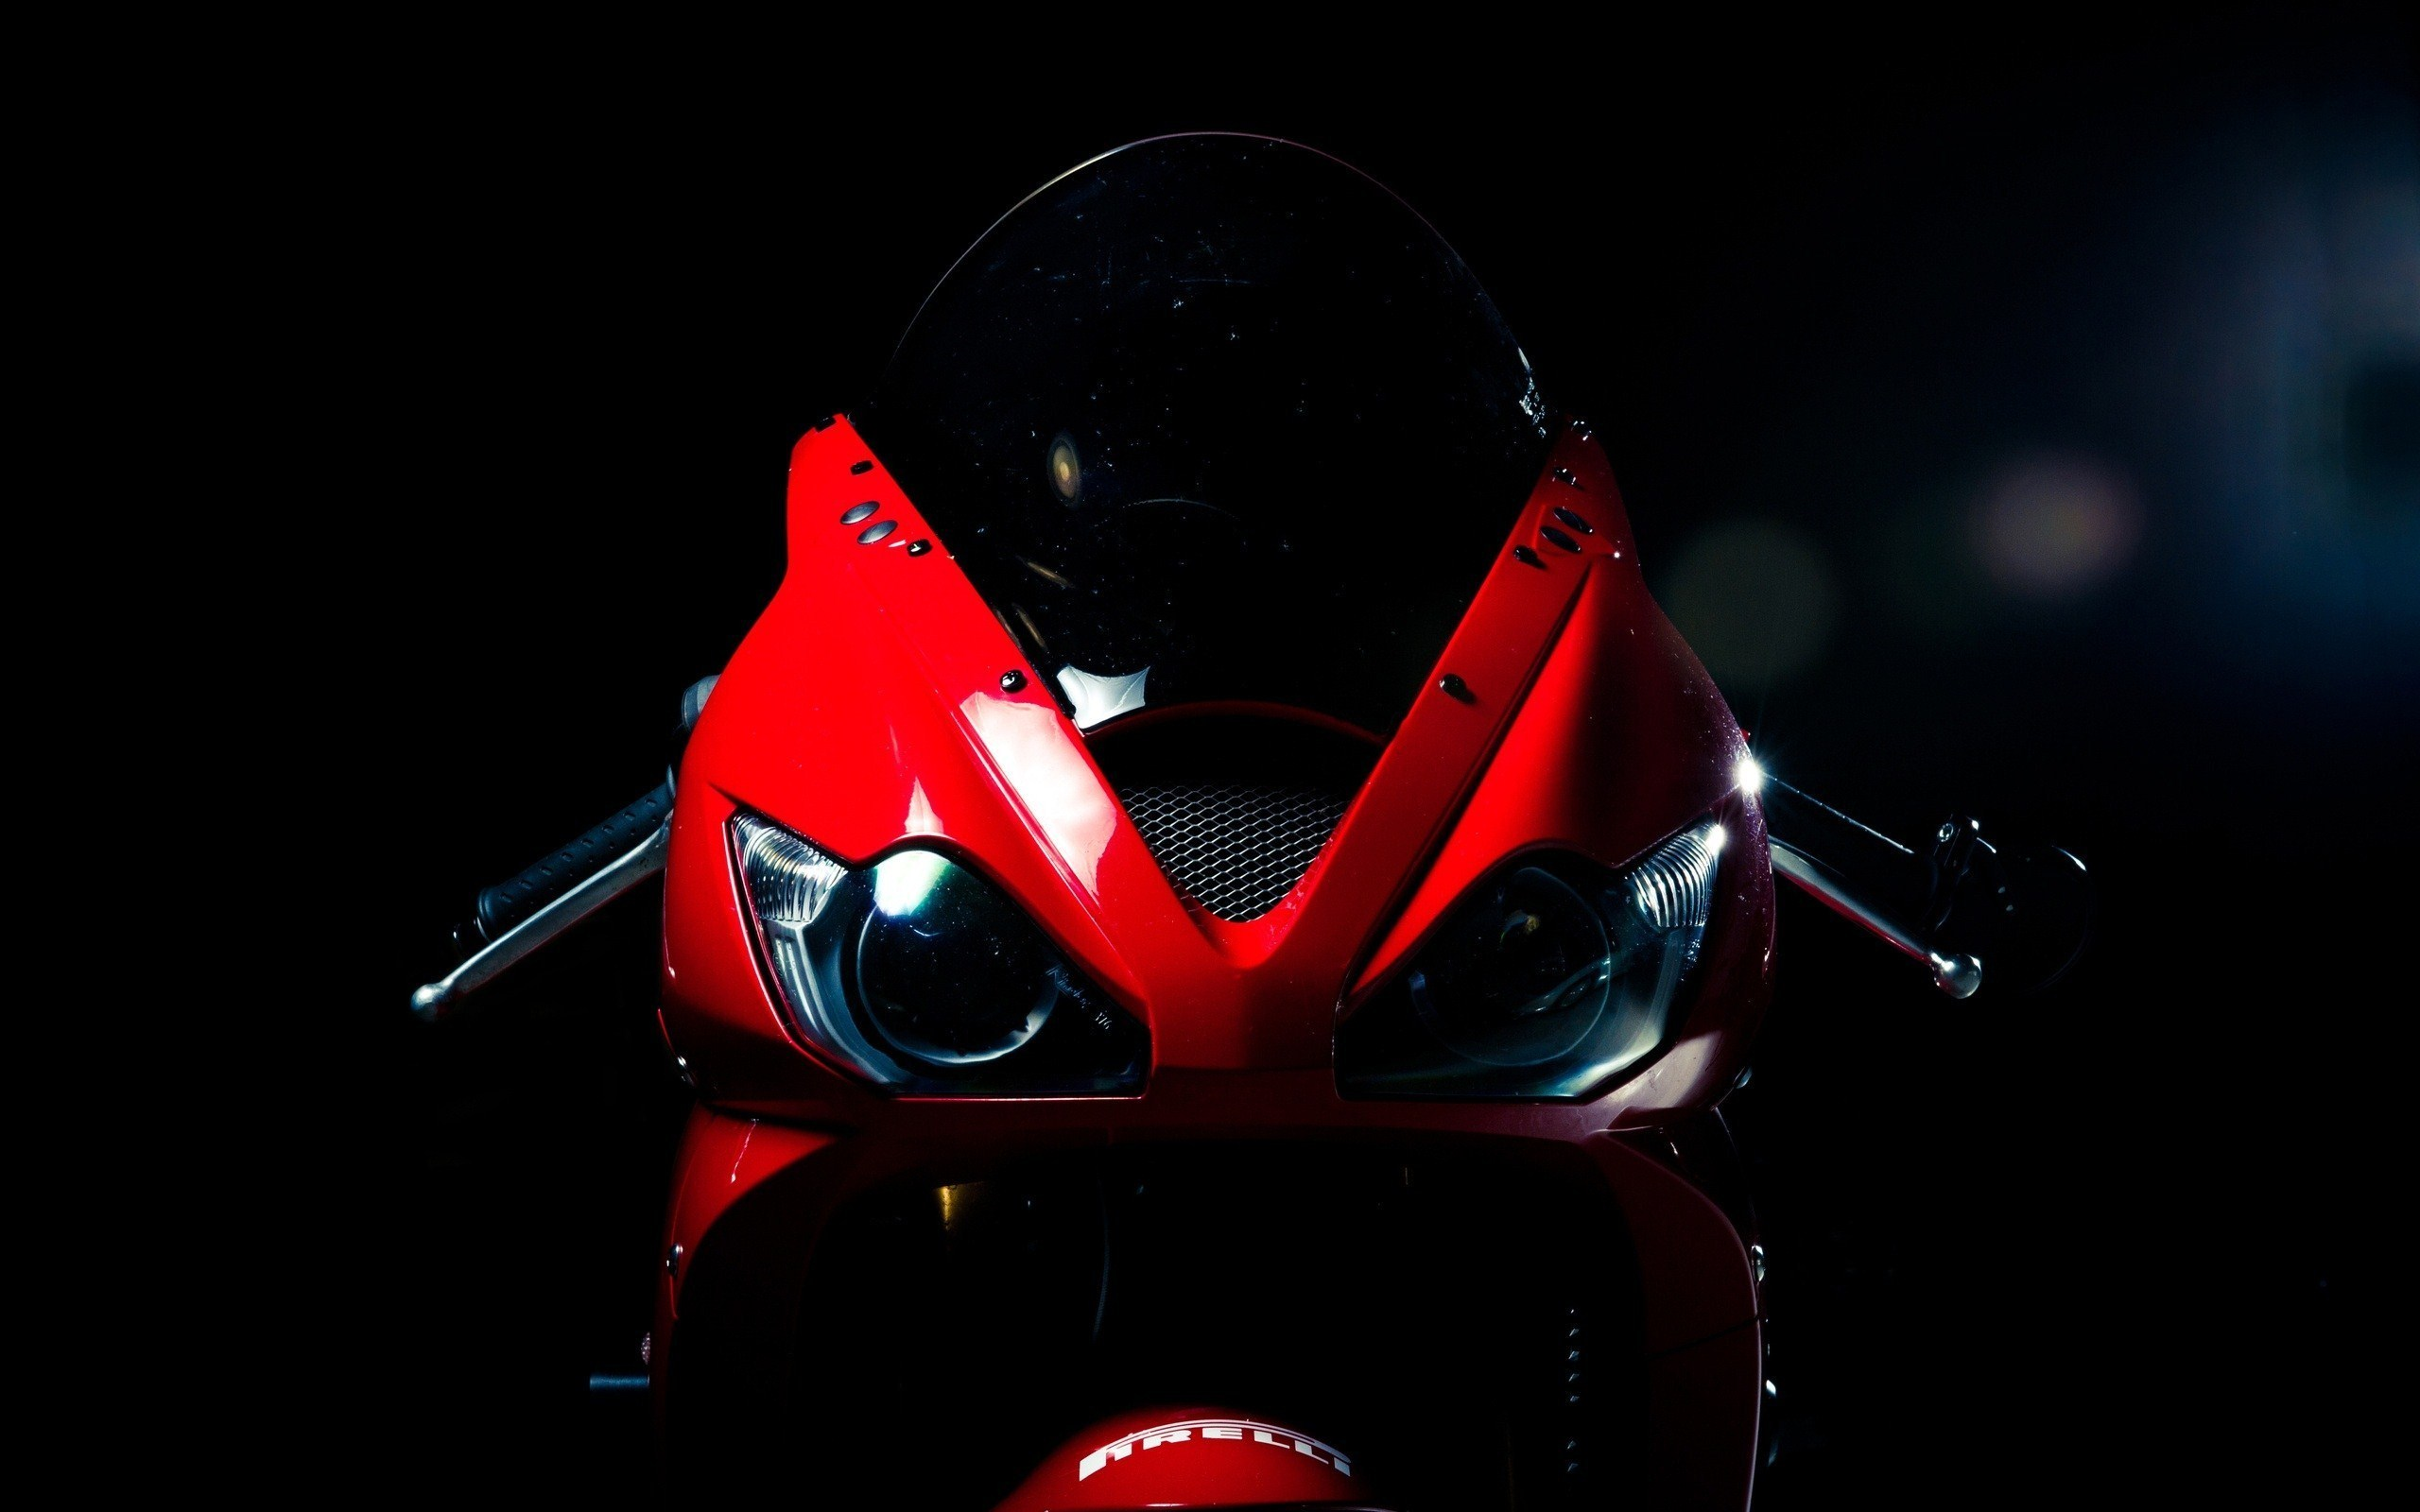 fantastic red bike wallpaper 42930